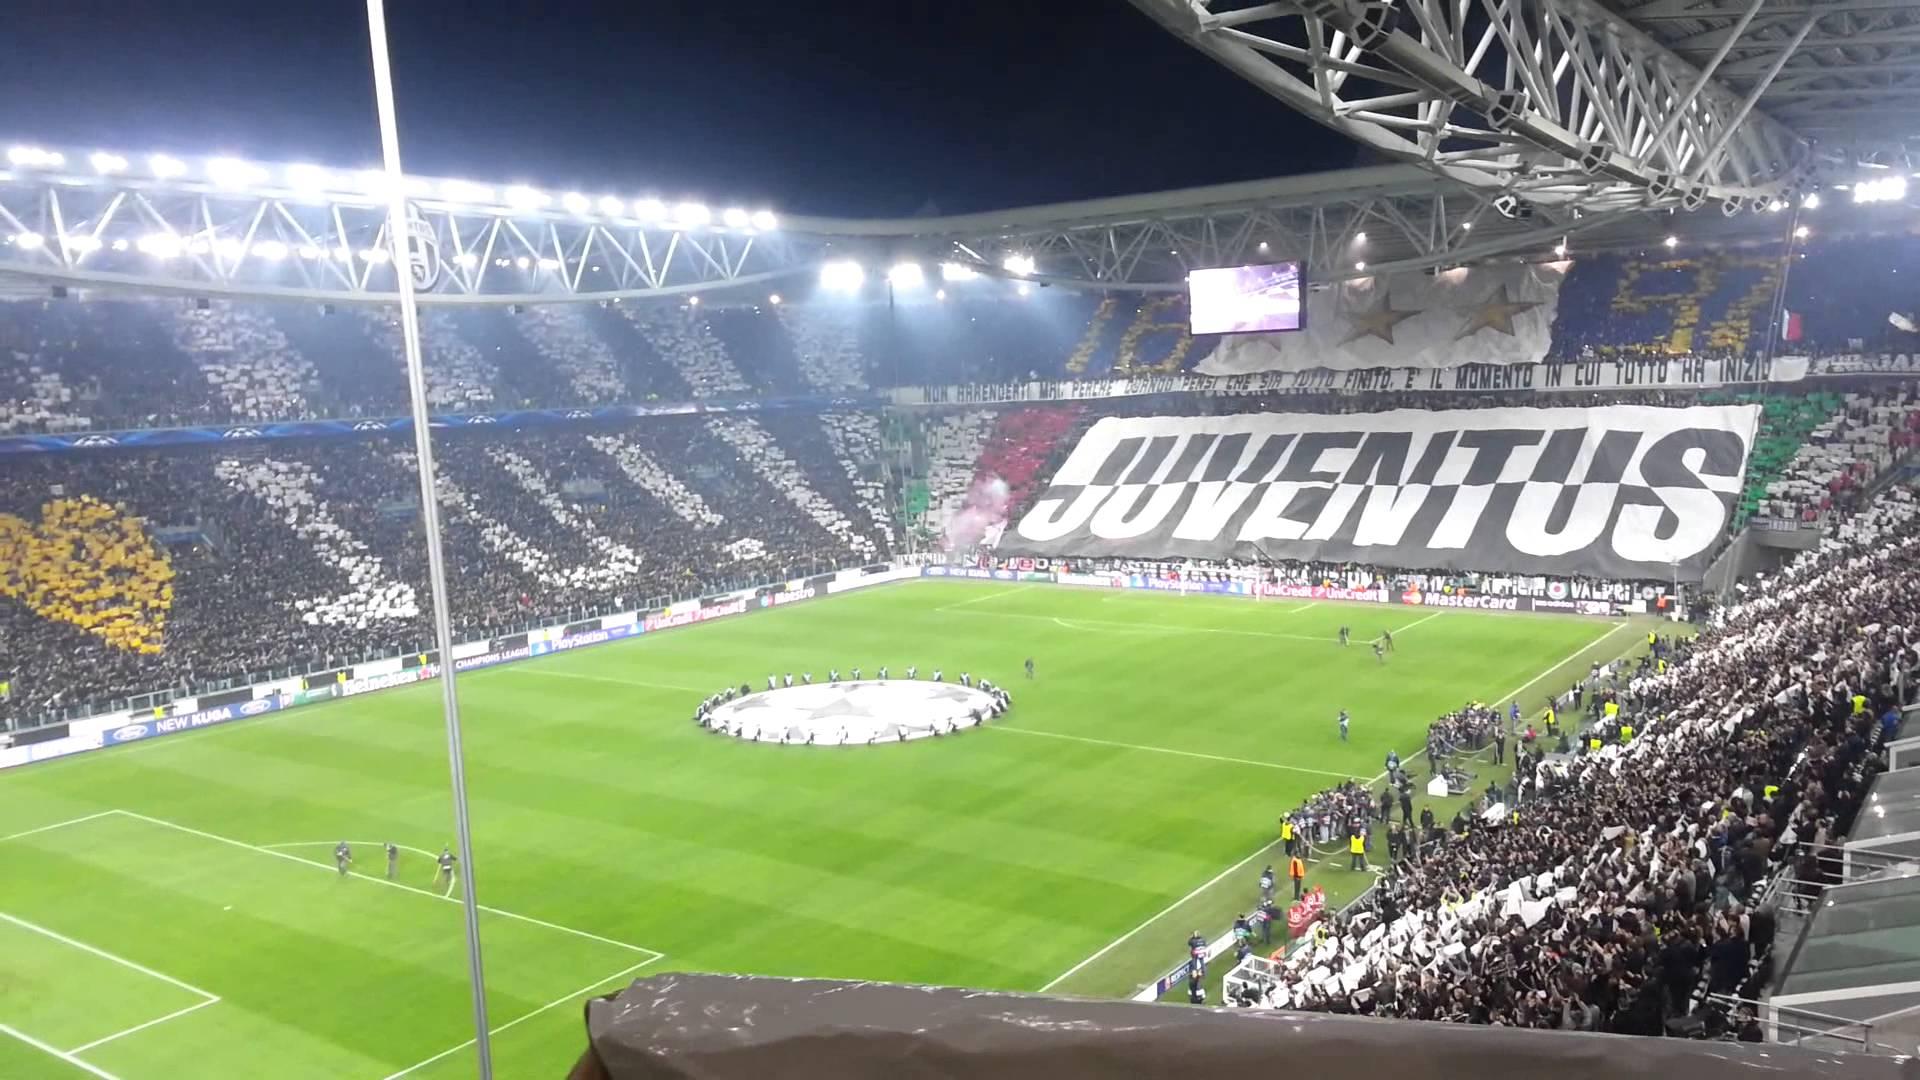 Juventus-Stadium-HD-Wallpaper-9